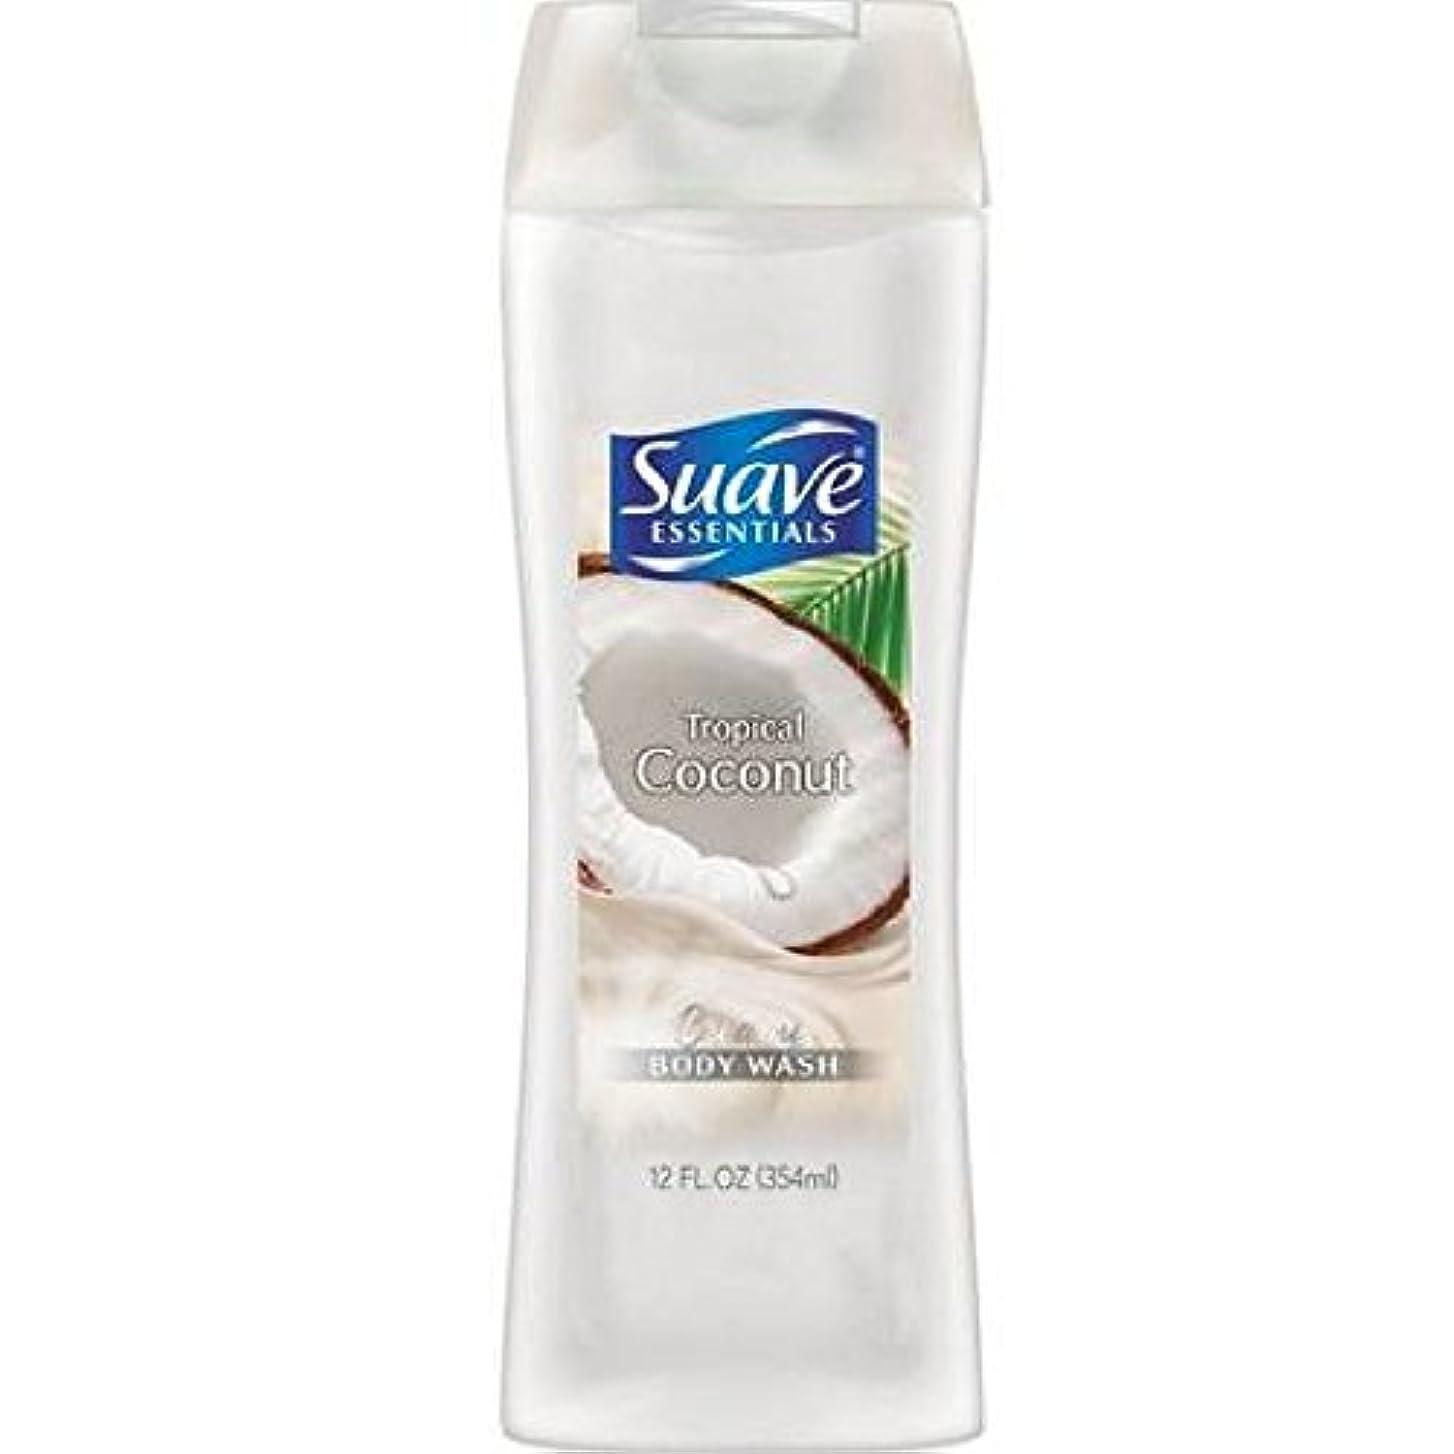 ニコチンピカソ構築するSuave Naturals Body Wash - Tropical Coconut - 12 oz - 2 pk by Suave [並行輸入品]